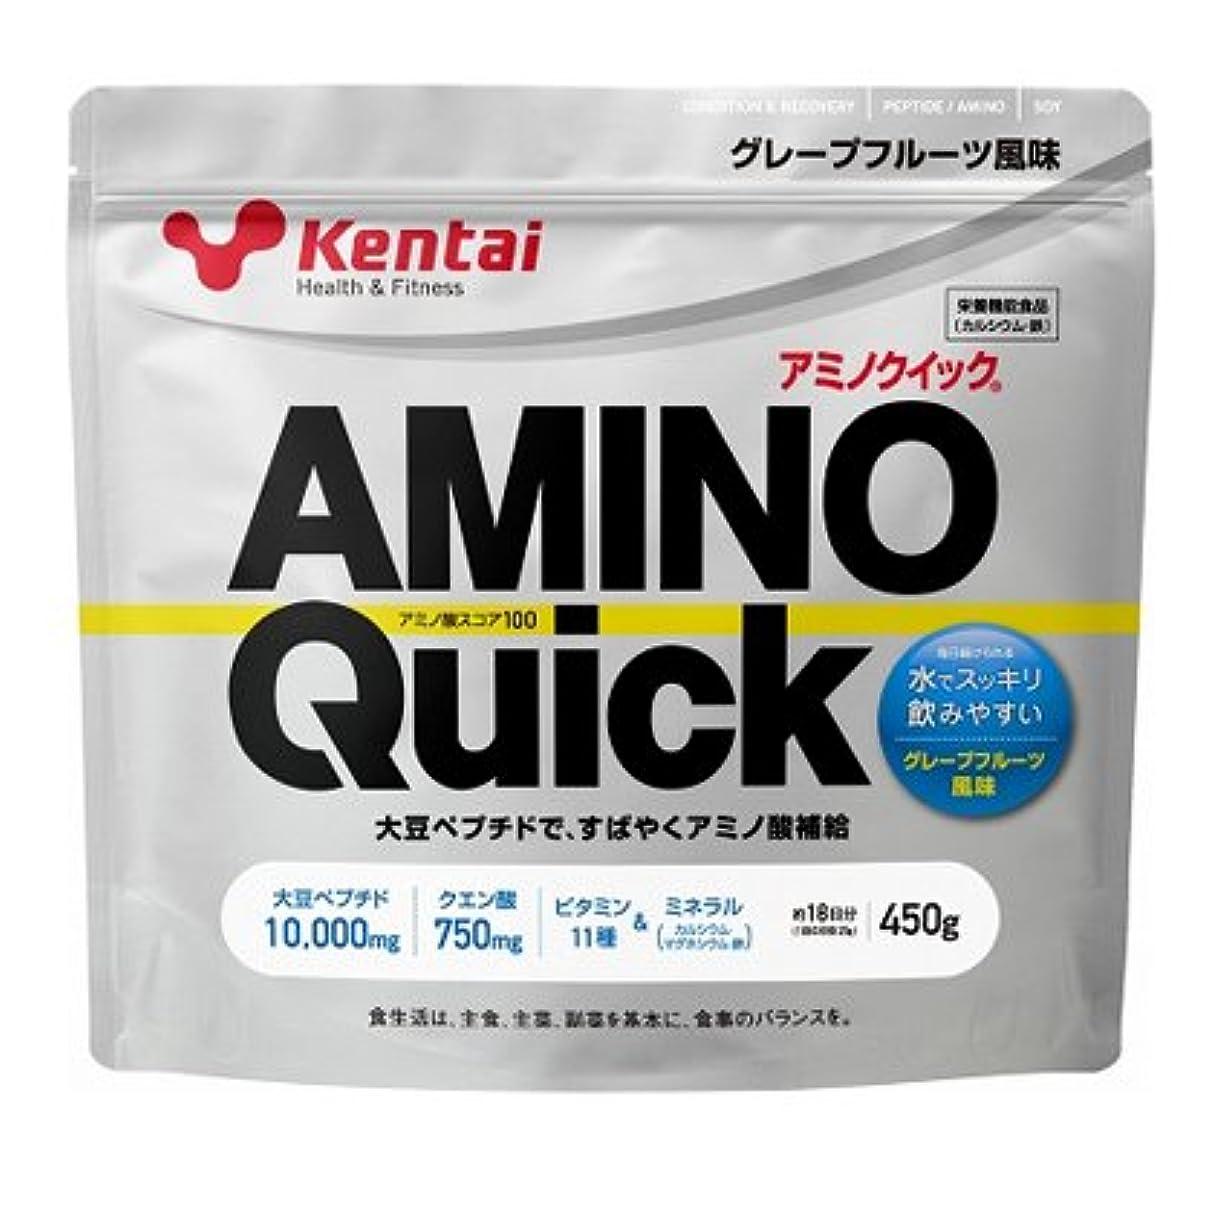 リビジョン仲良し余裕がある【健康体力研究所 (Kentai)】 アミノクイック450g